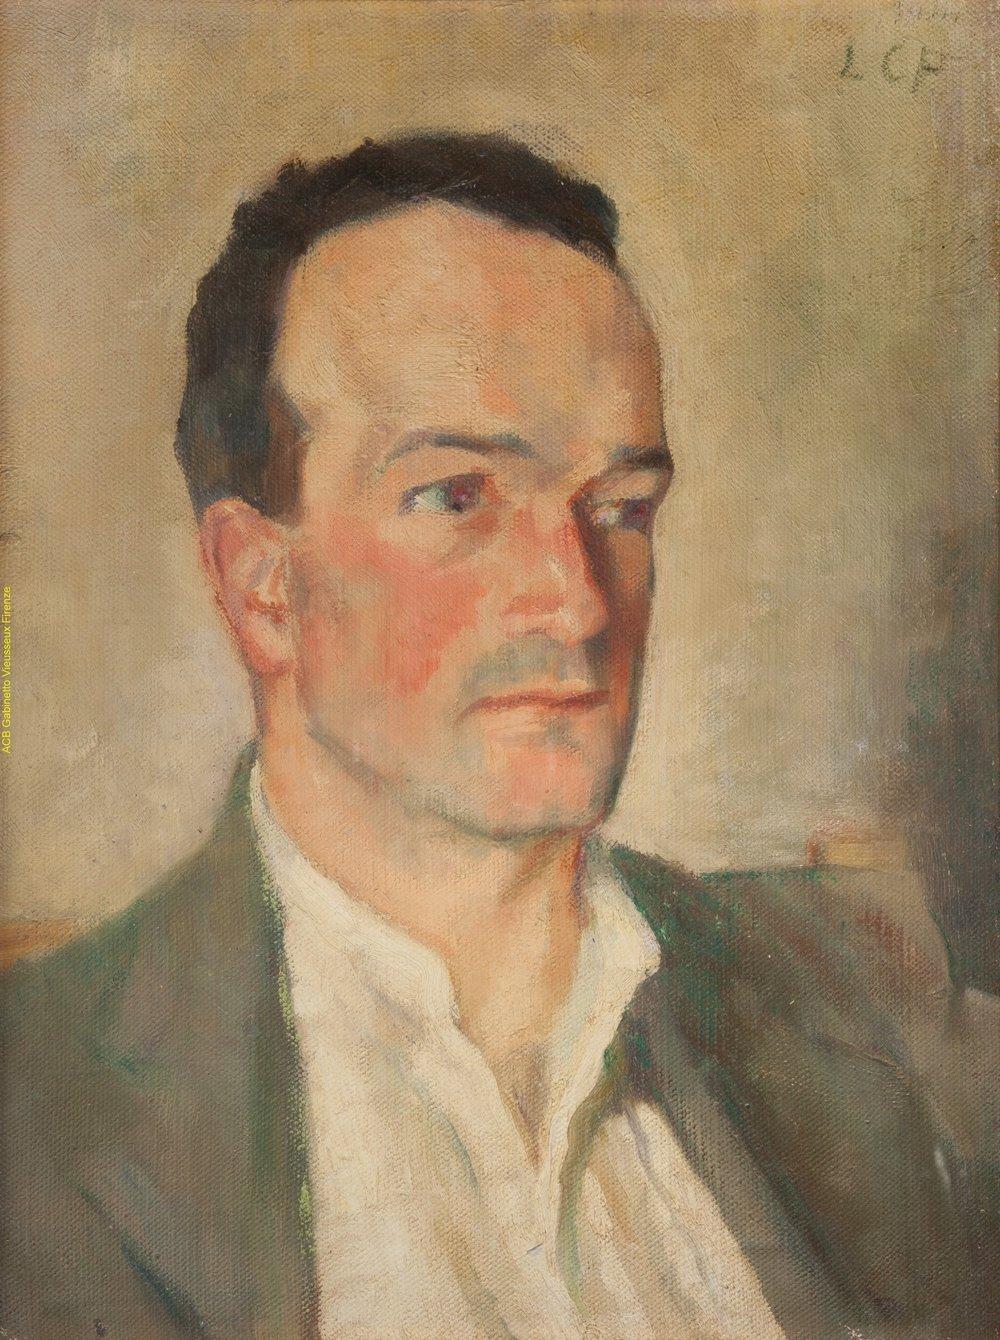 Ritratto di Leonetta Pieraccini, di Emilio Cecchi, 1919. In restauro.